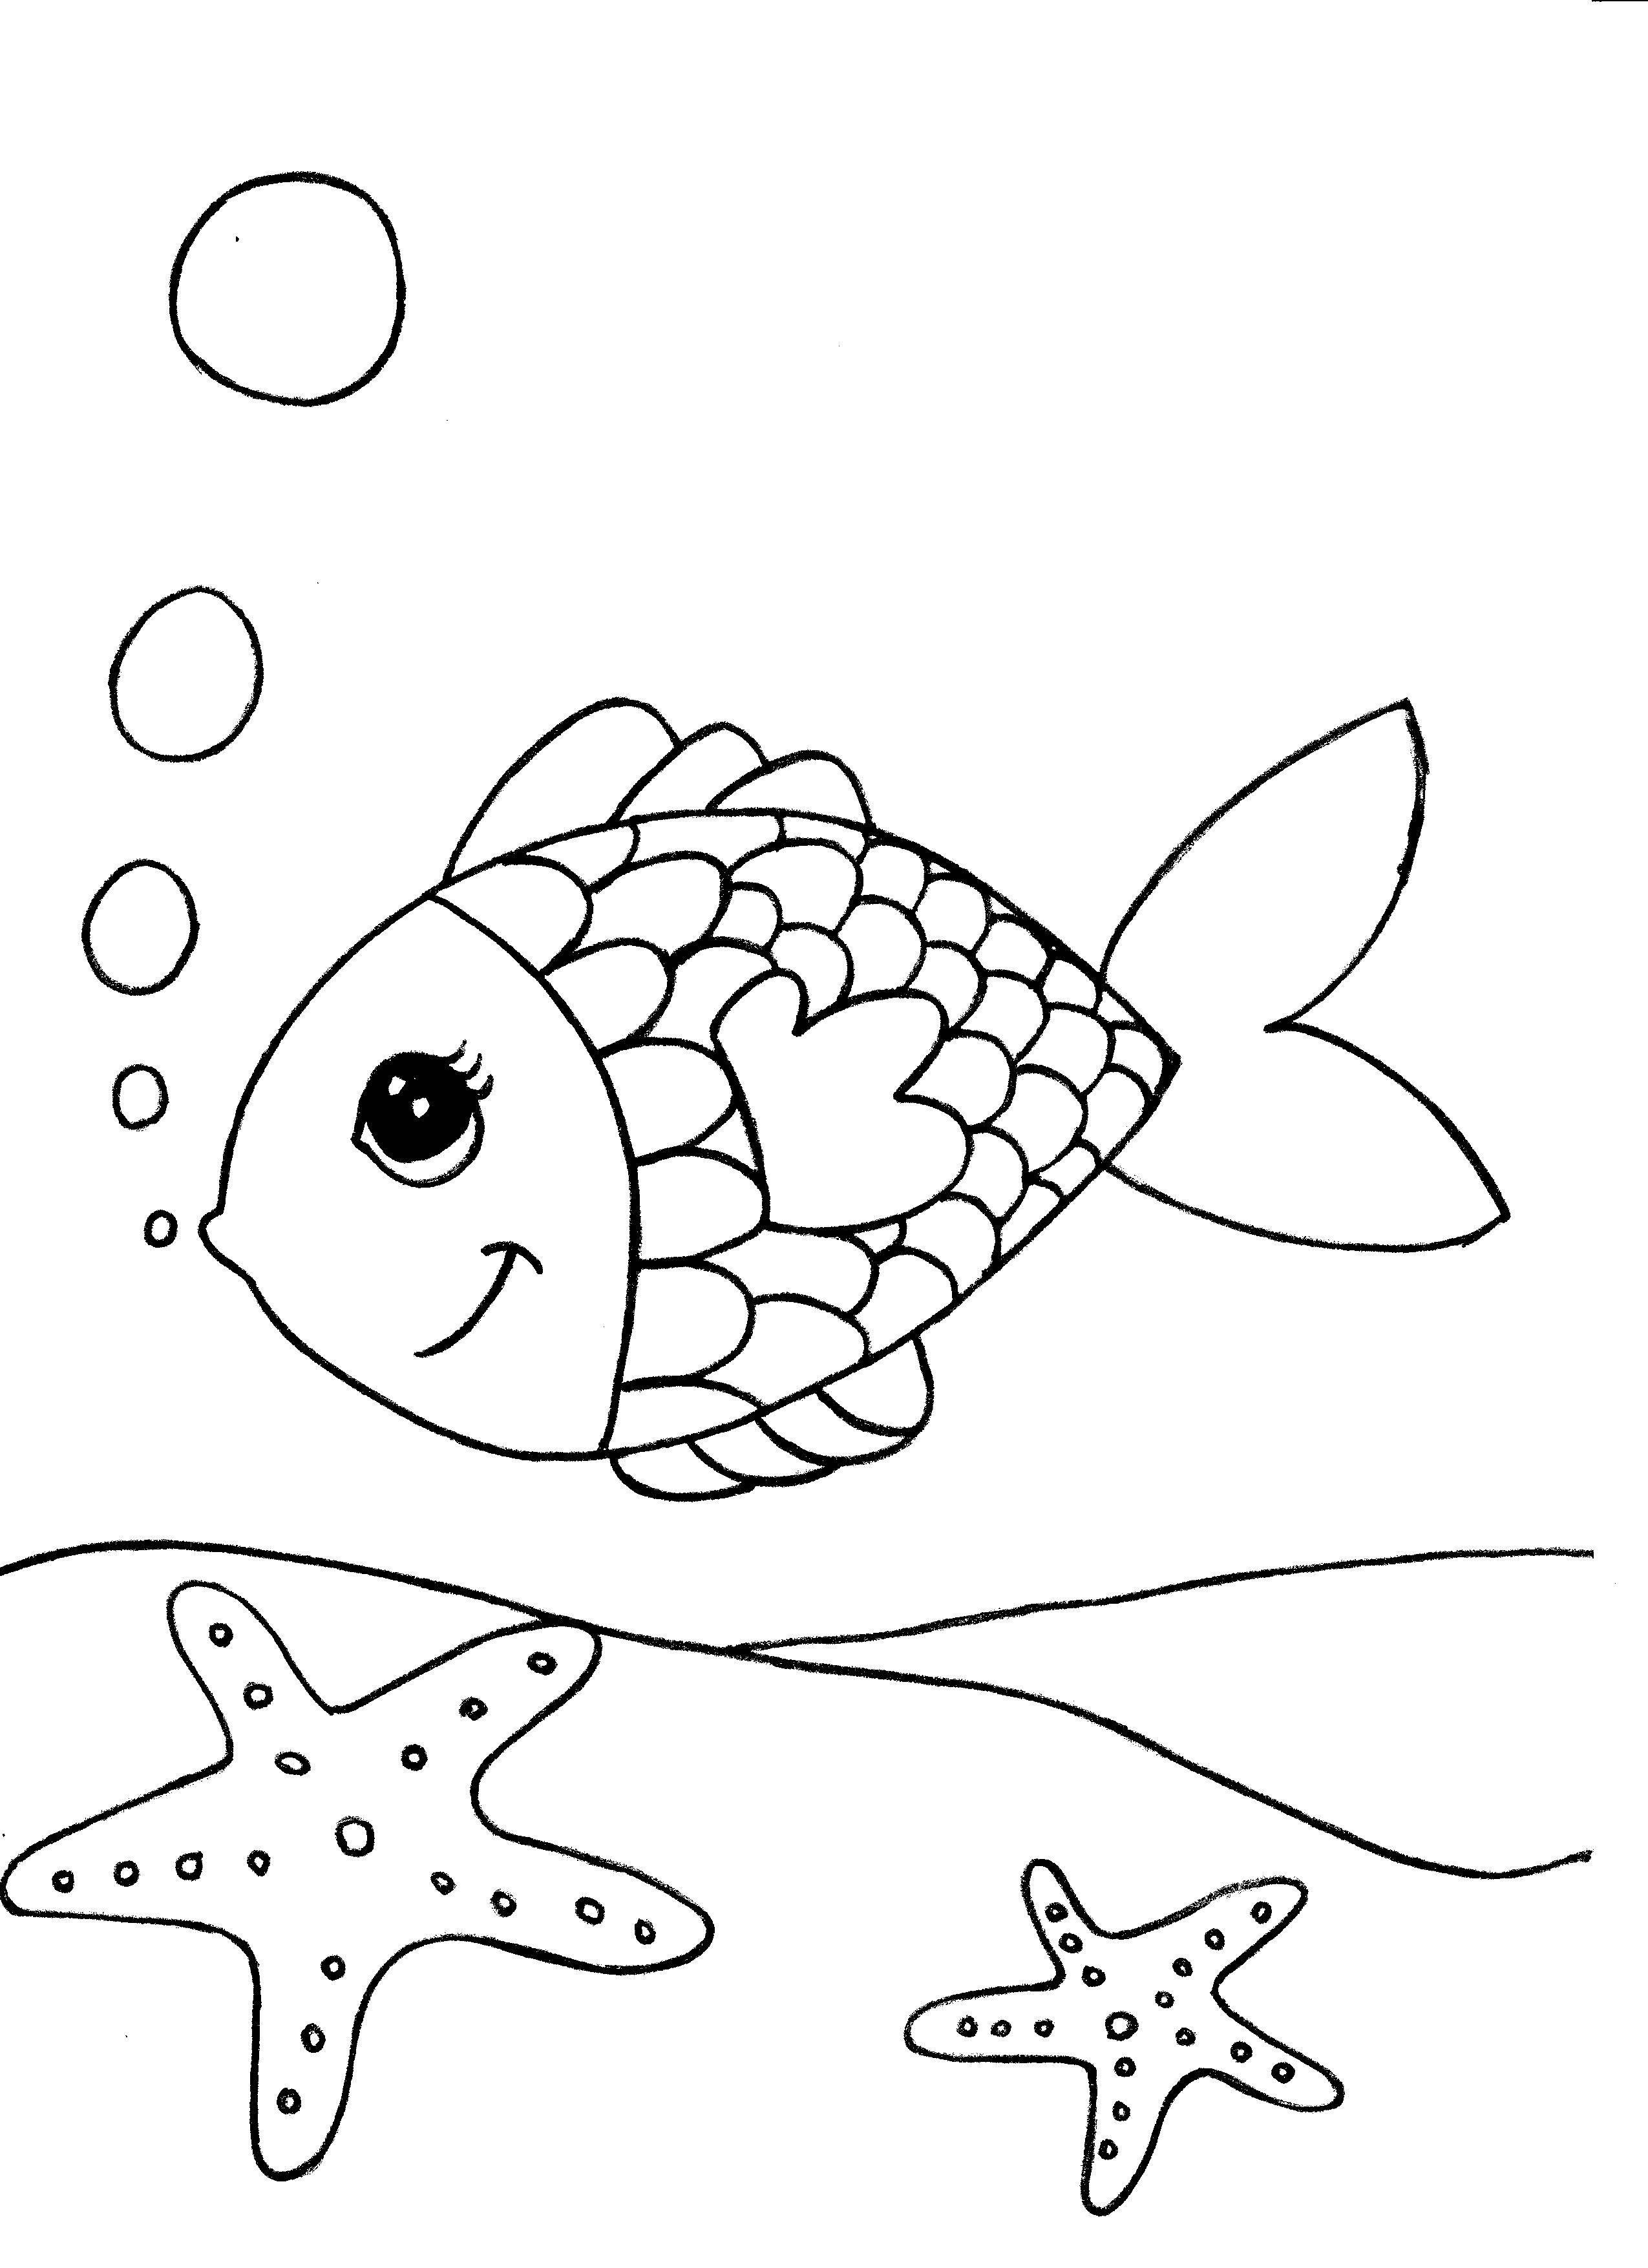 Mod les de coloriage pour enfants t l charger - Modele poisson ...